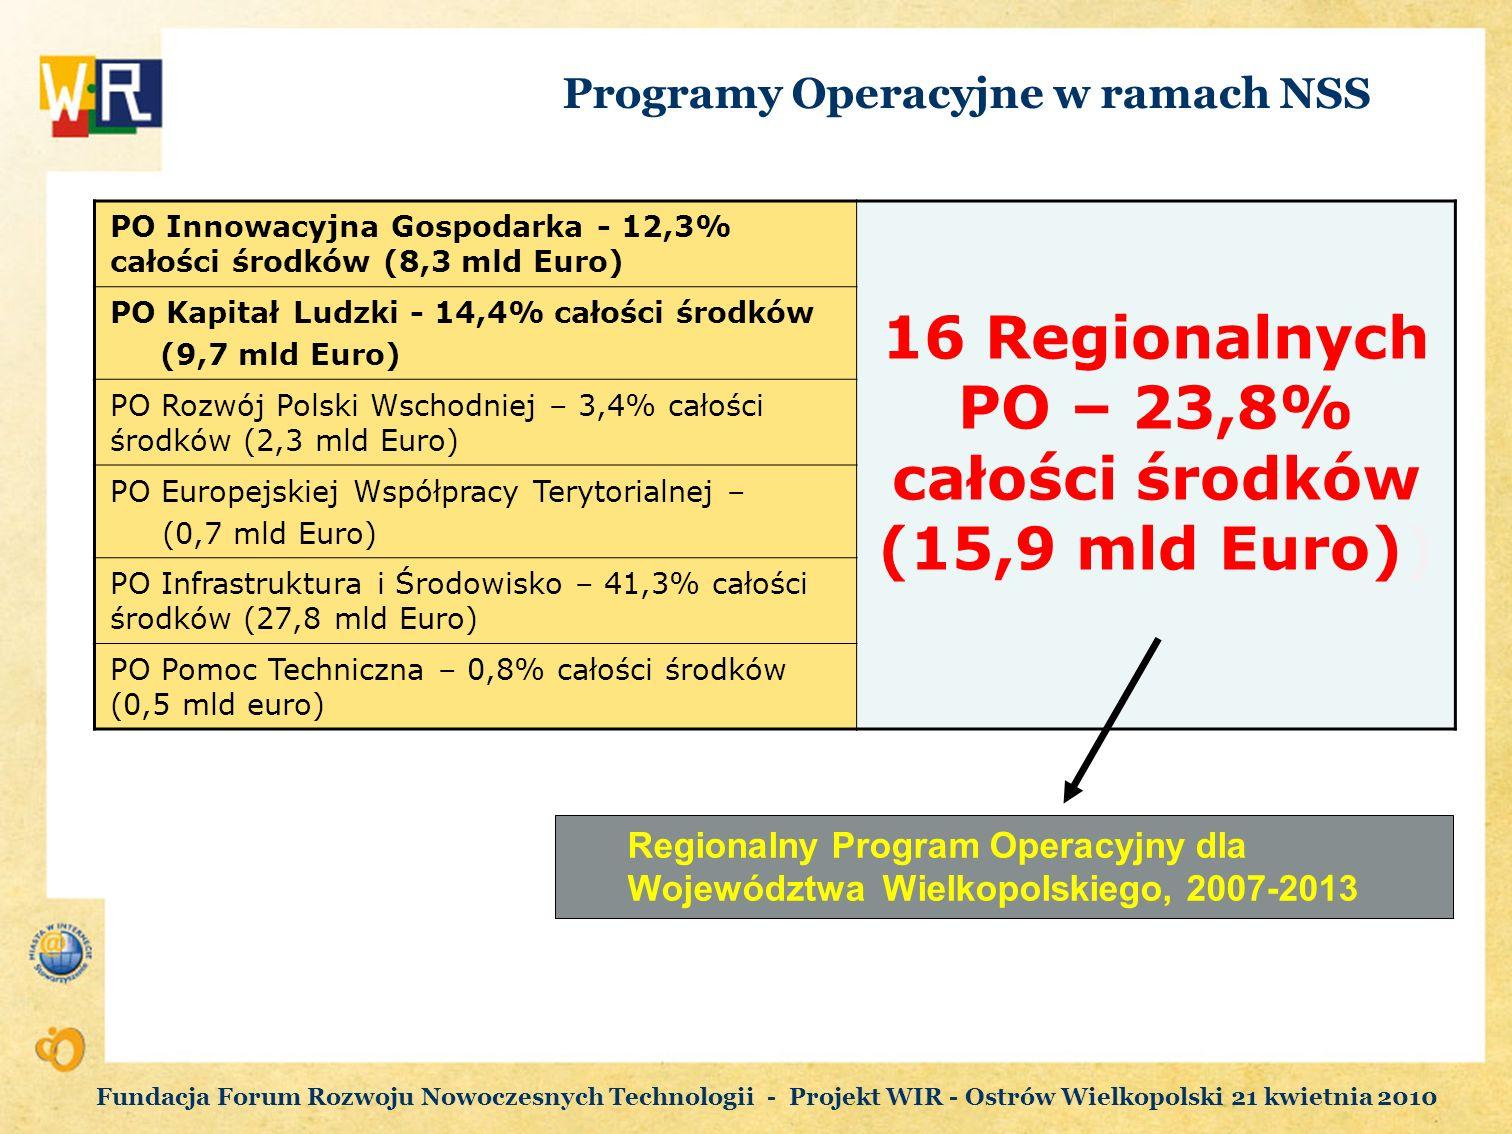 Programy Operacyjne w ramach NSS